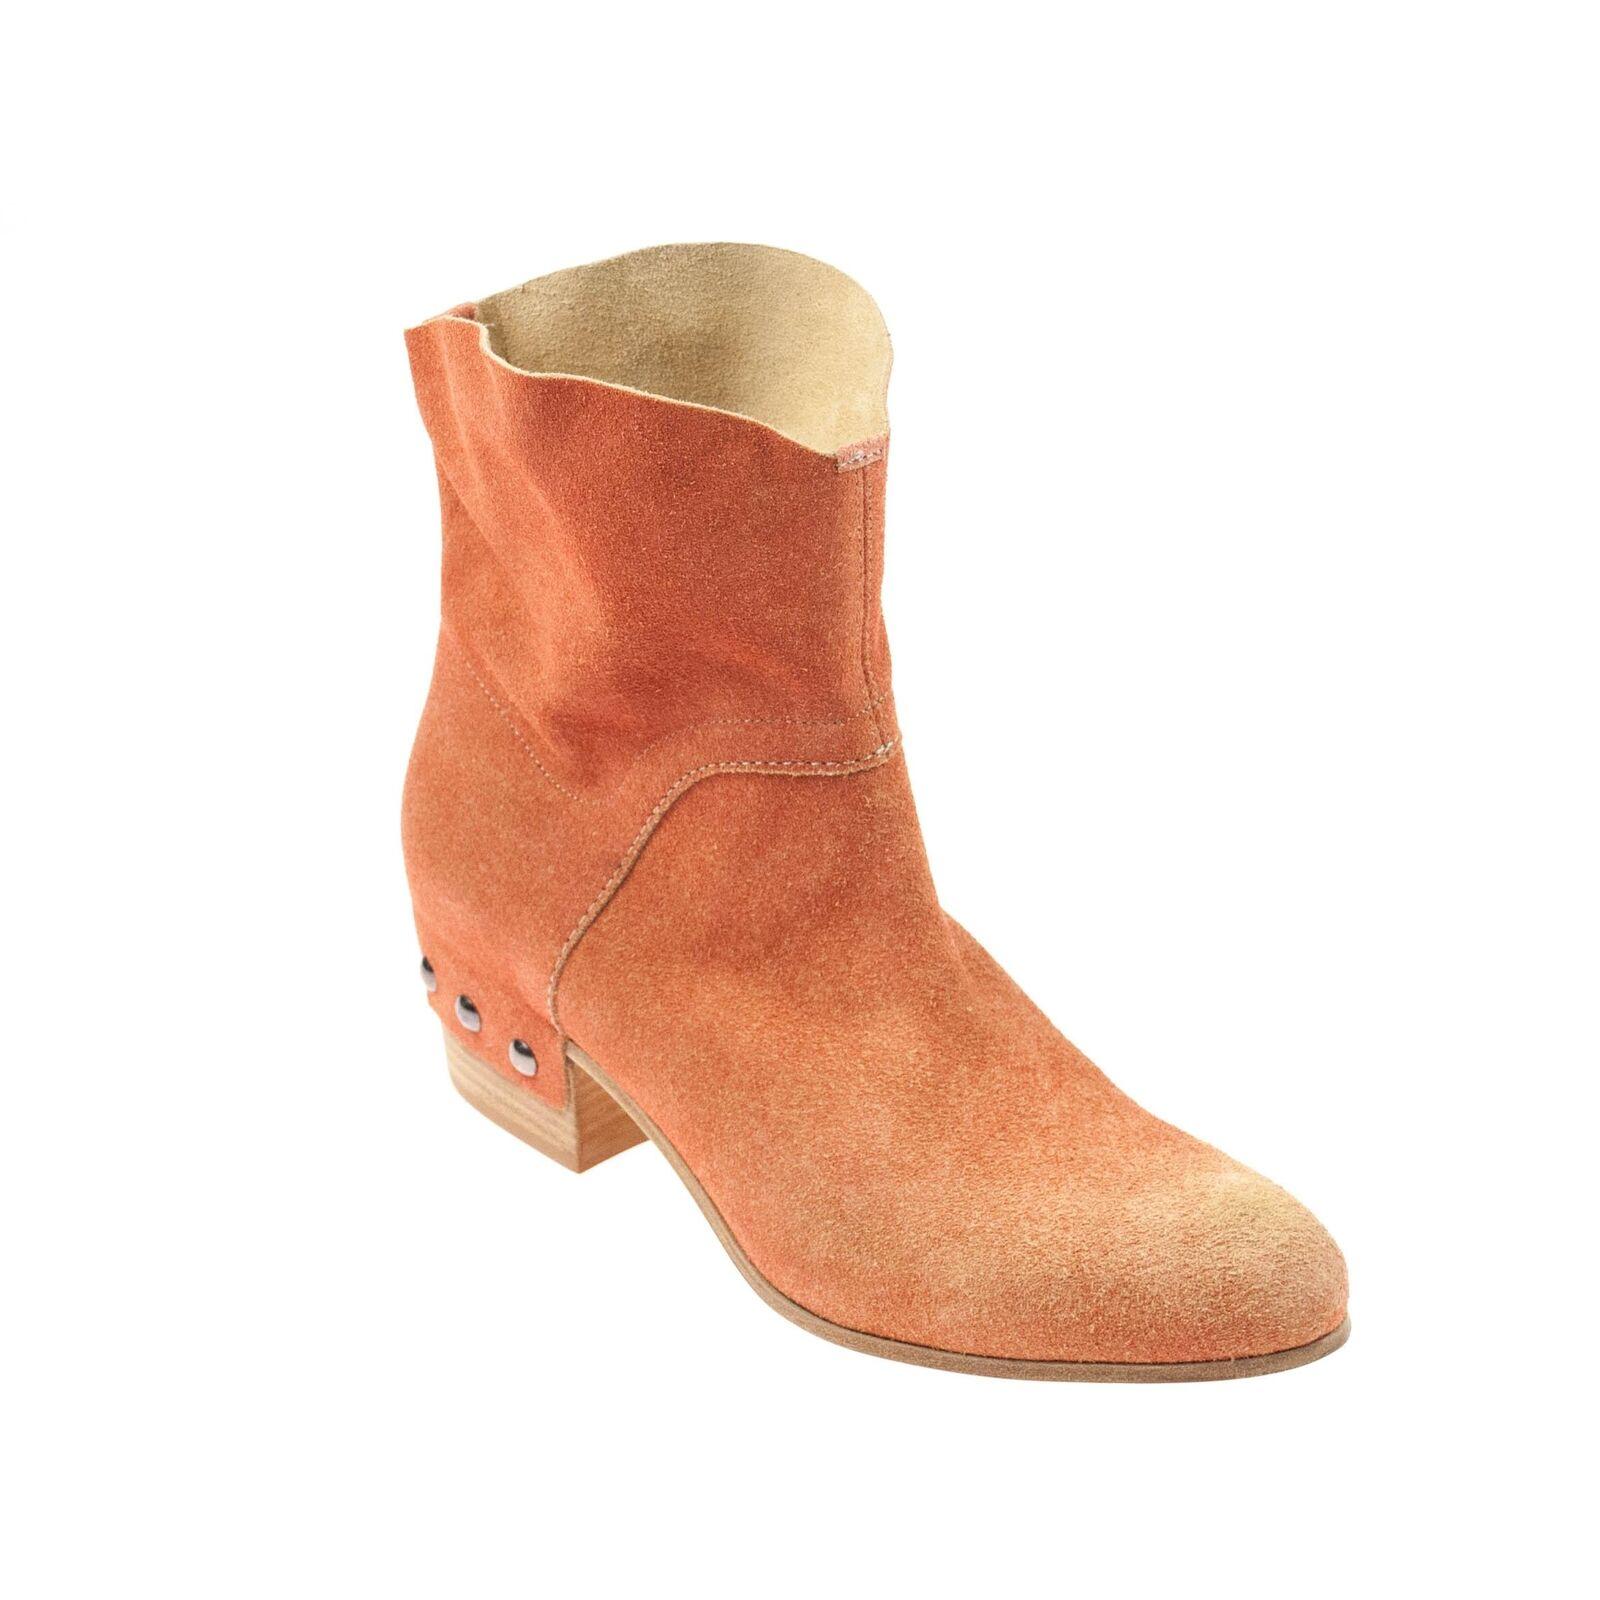 8d36dd3abfd Vic genuina señora botín de gamuza orange coral 57875c - higrotemper.es